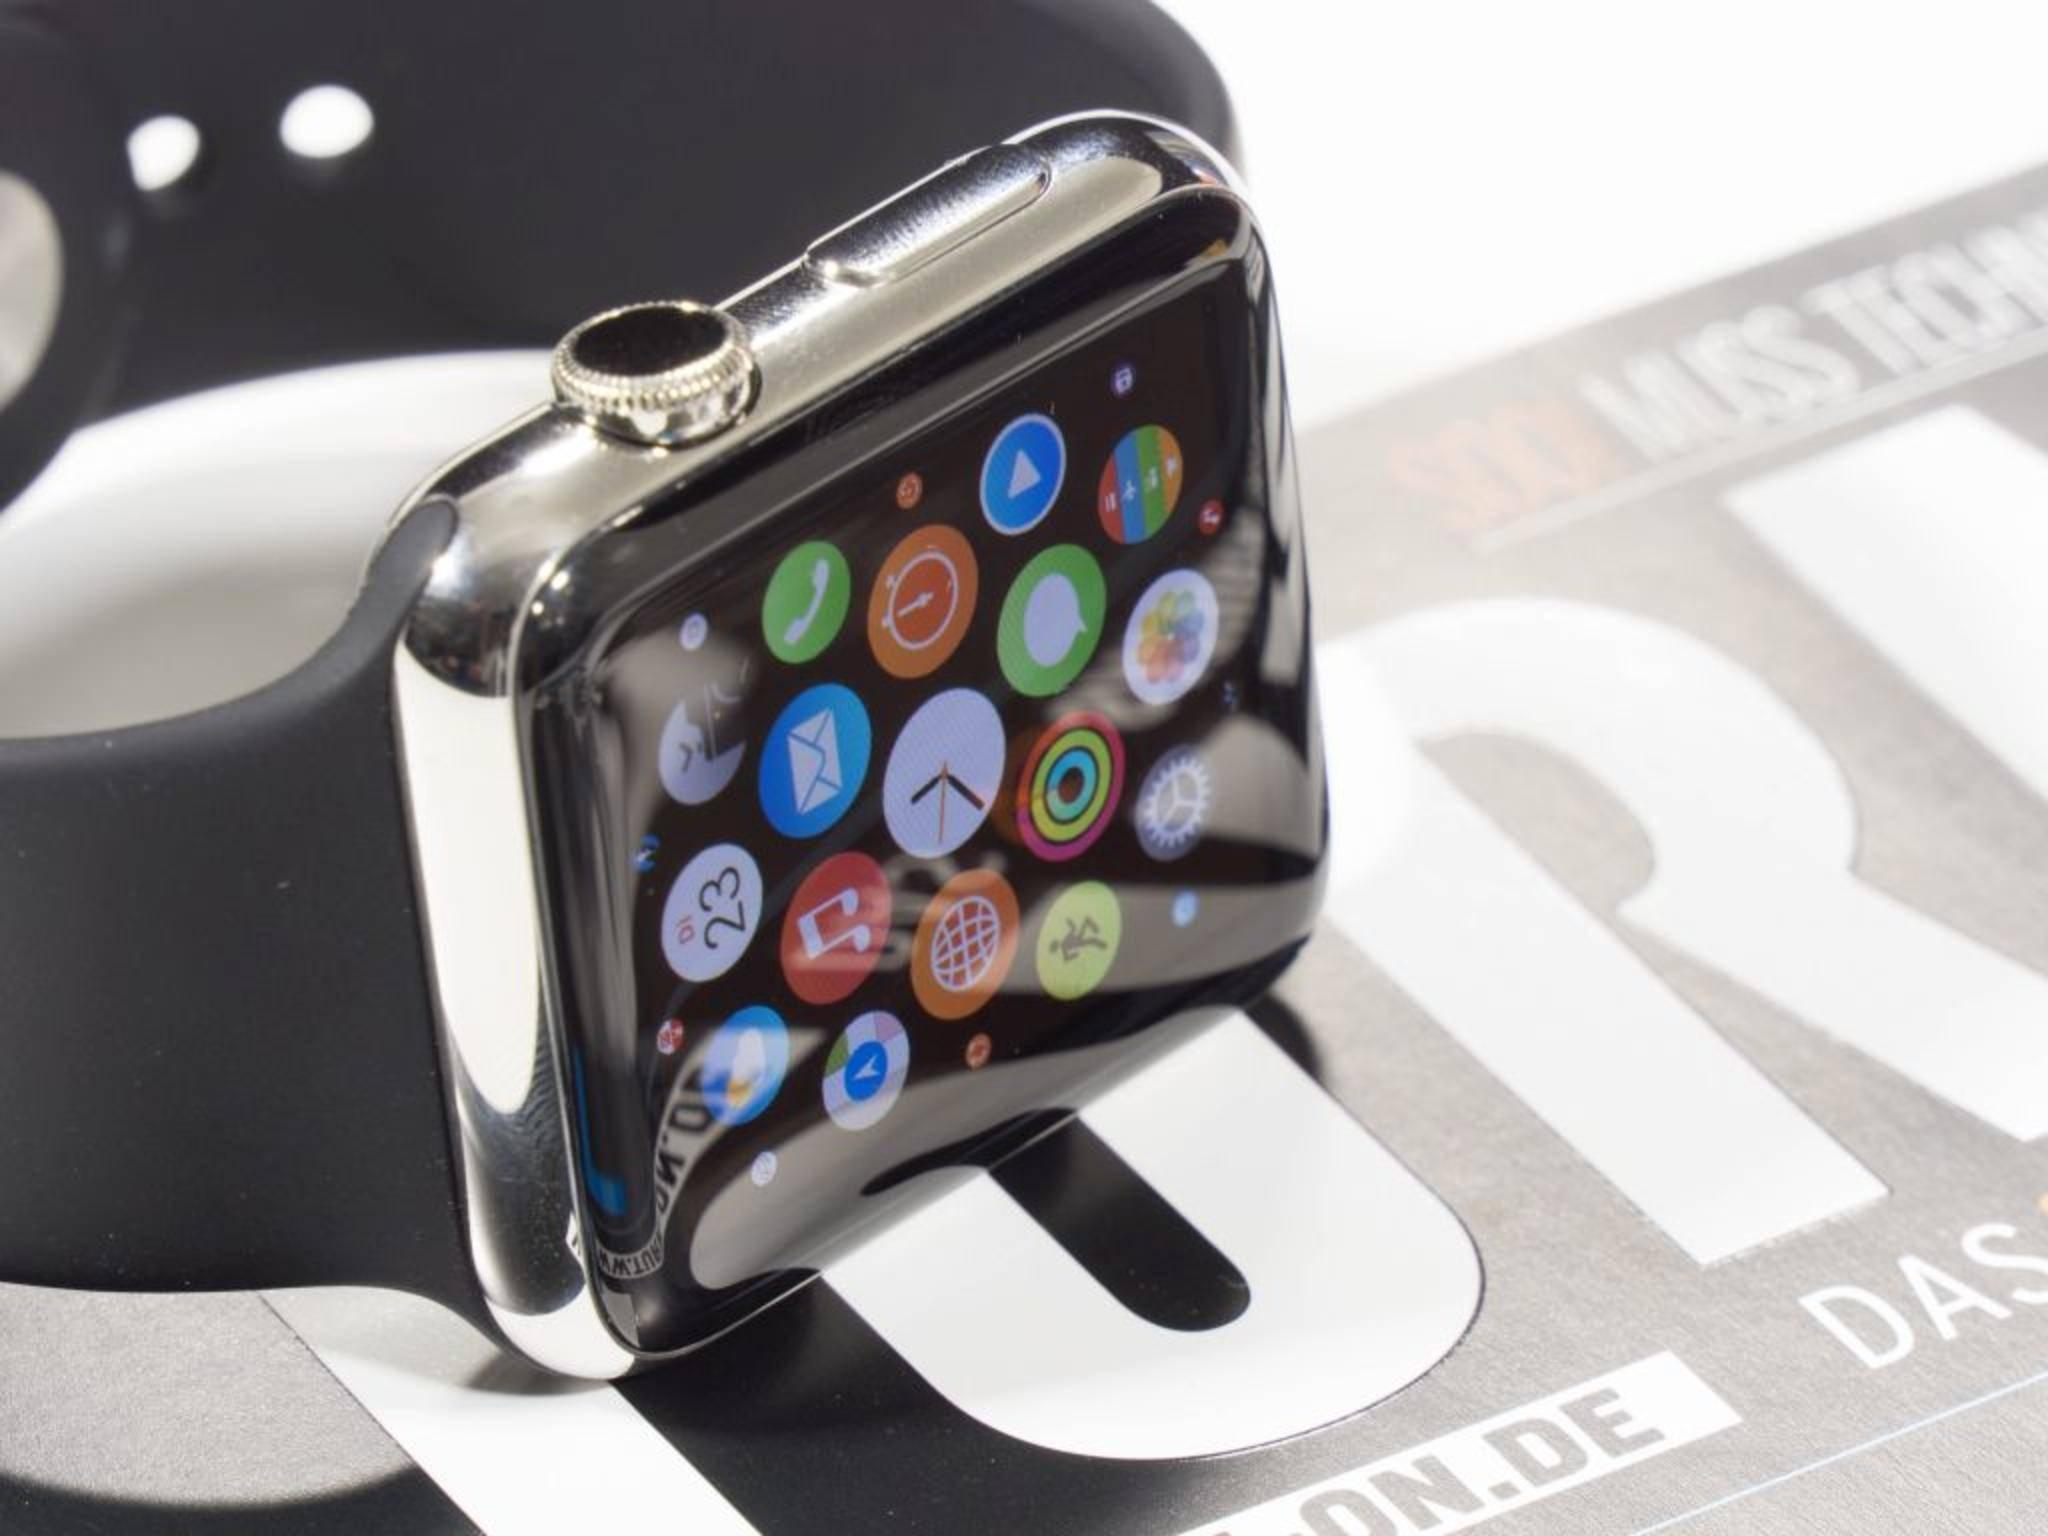 Die Apple Watch ist offenbar beliebter als seinerzeit das erste iPhone.